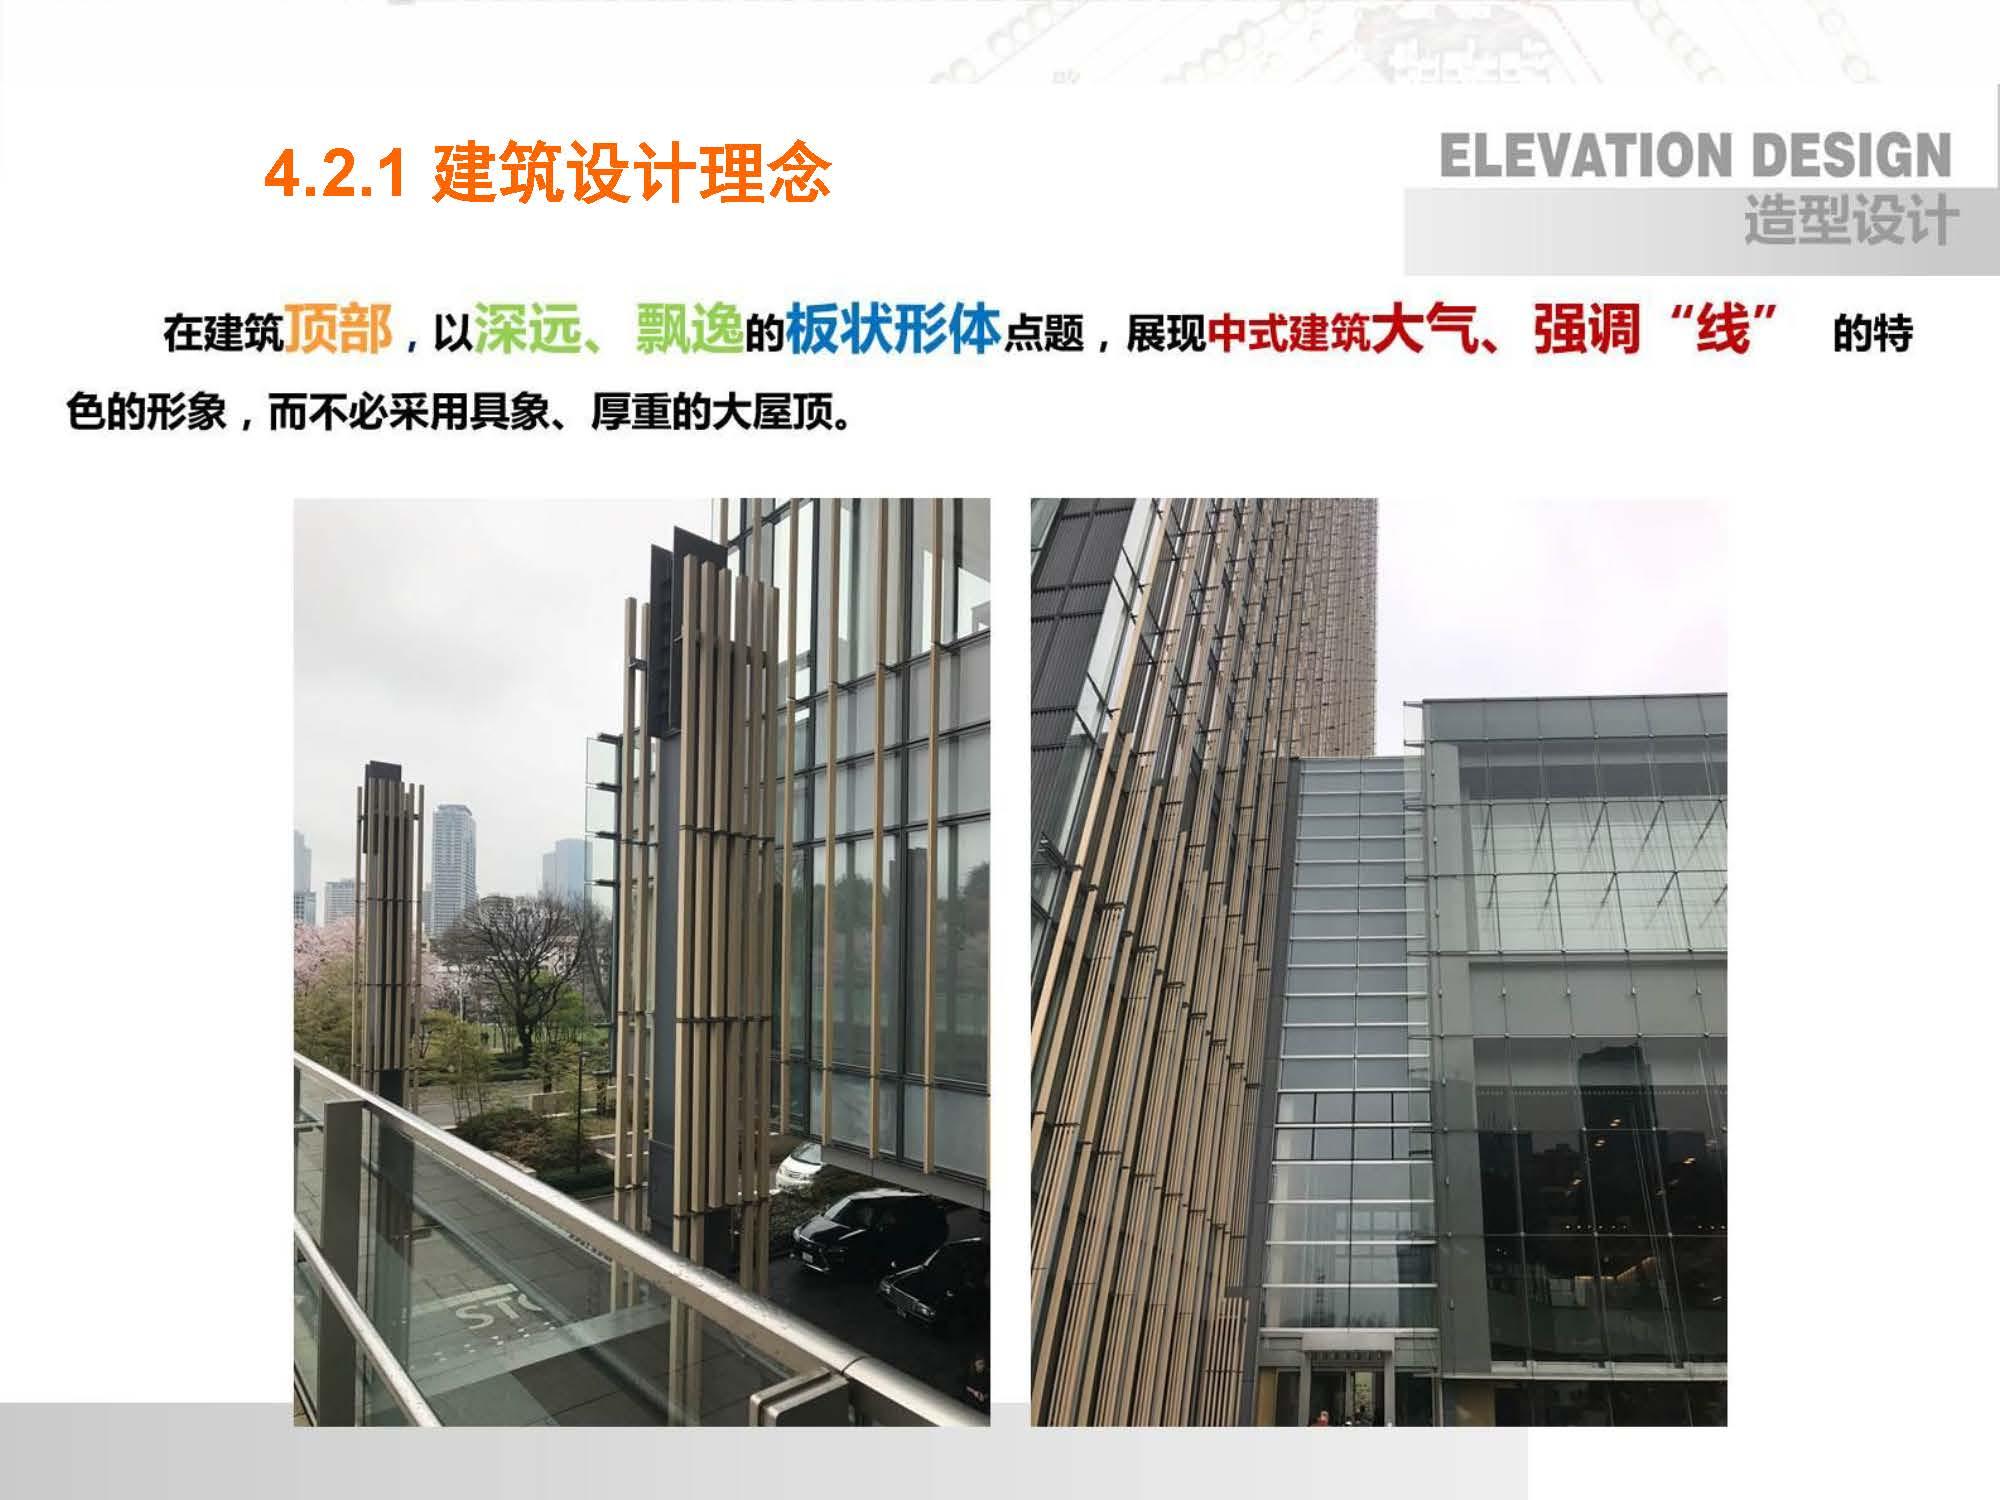 中海沈阳销售手册20180809--EPG--建筑设计理念及亮点 _页面_24.jpg